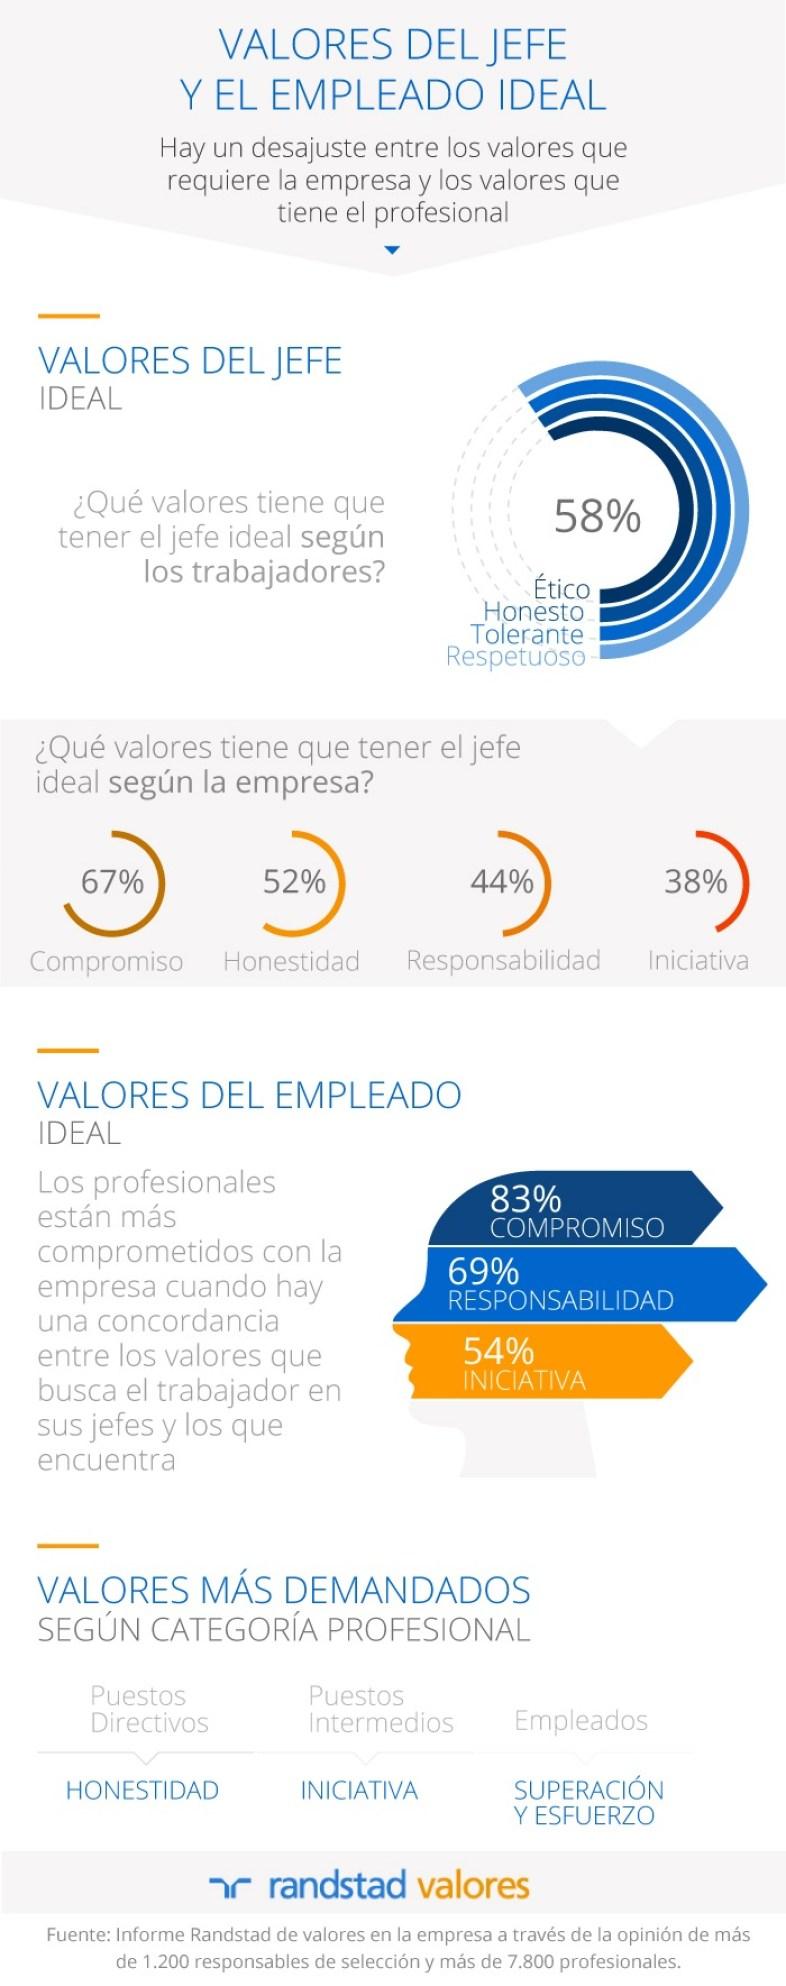 Valores del jefe y el empleado ideal